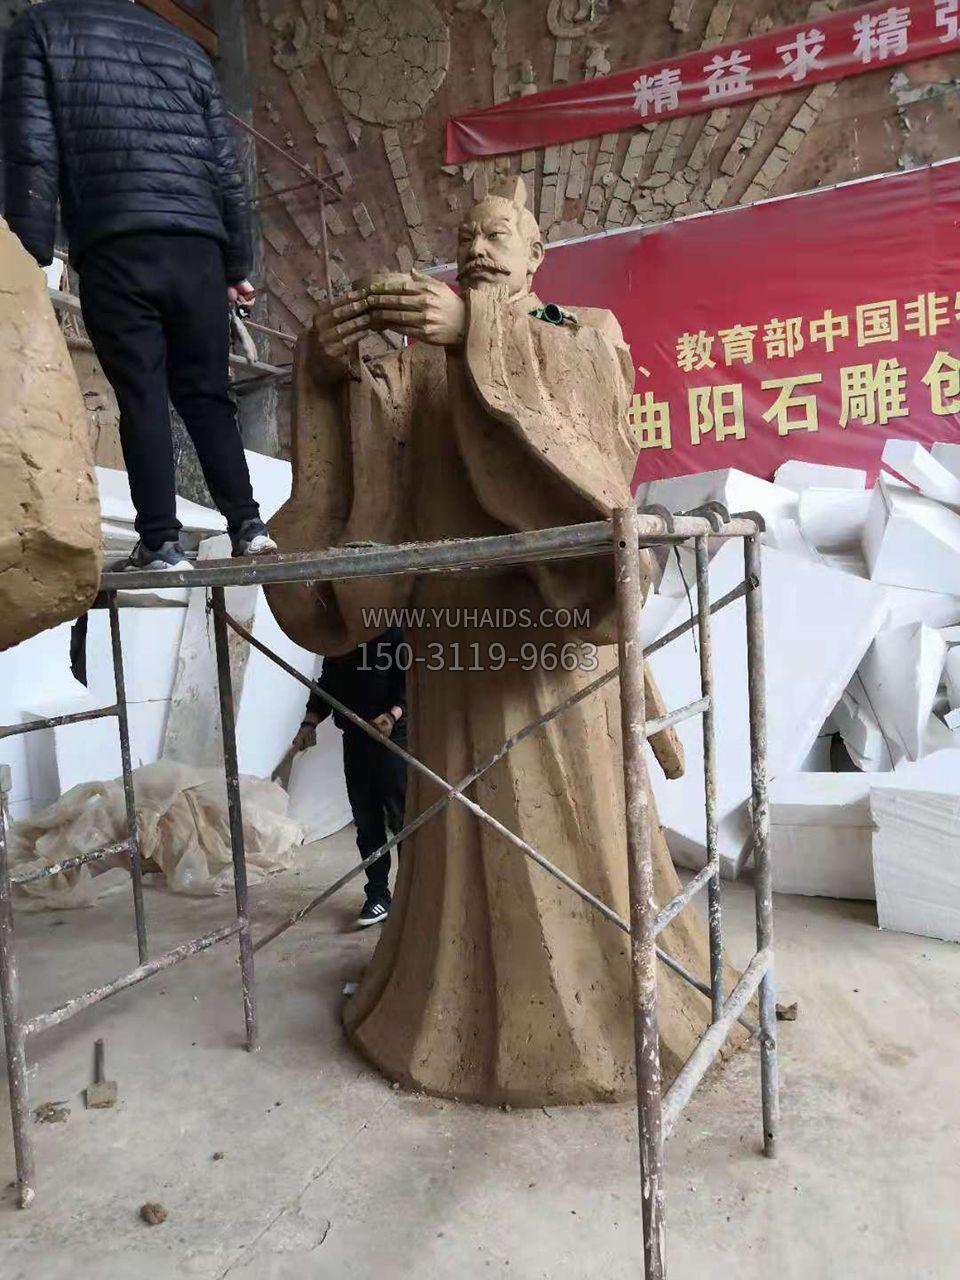 桃园三结义铜雕之刘备雕像泥稿